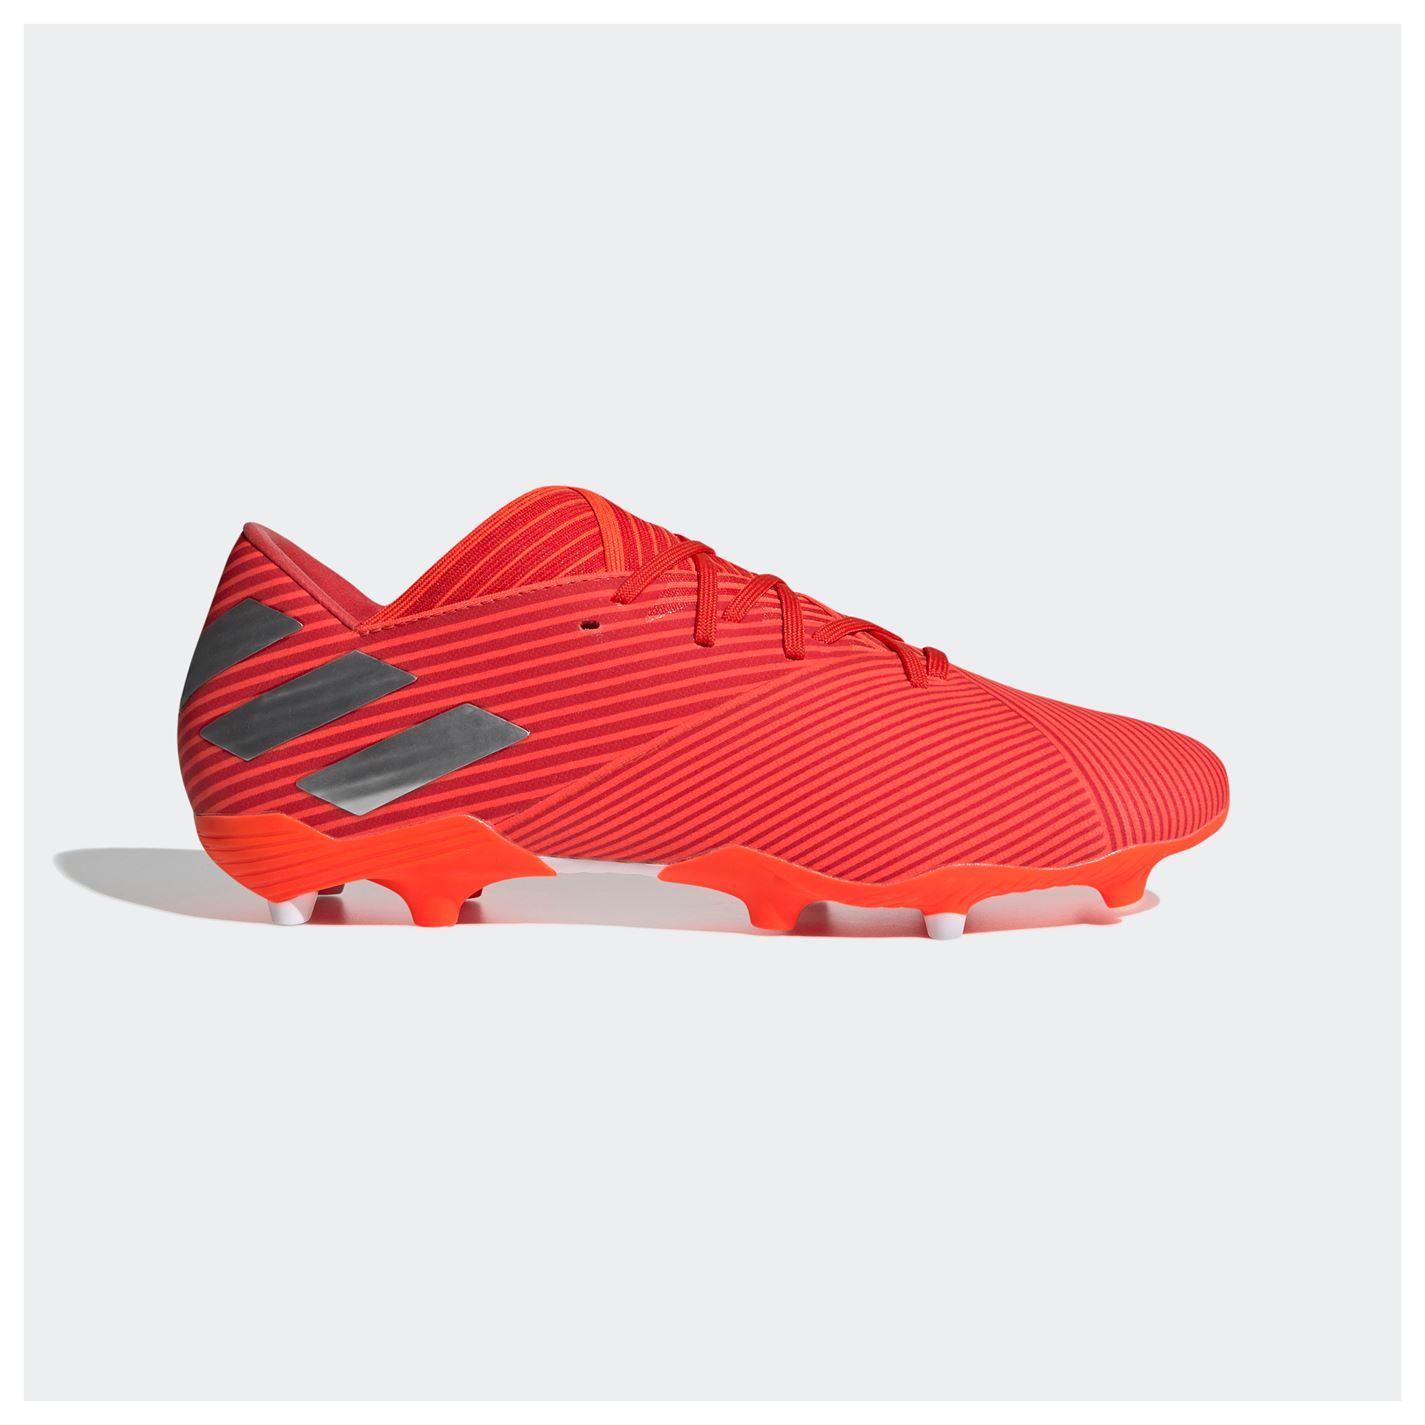 Adidas-nemeziz-19-2-Firm-Ground-FG-Chaussures-De-Football-Hommes-Soccer-Crampons-Chaussures miniature 14